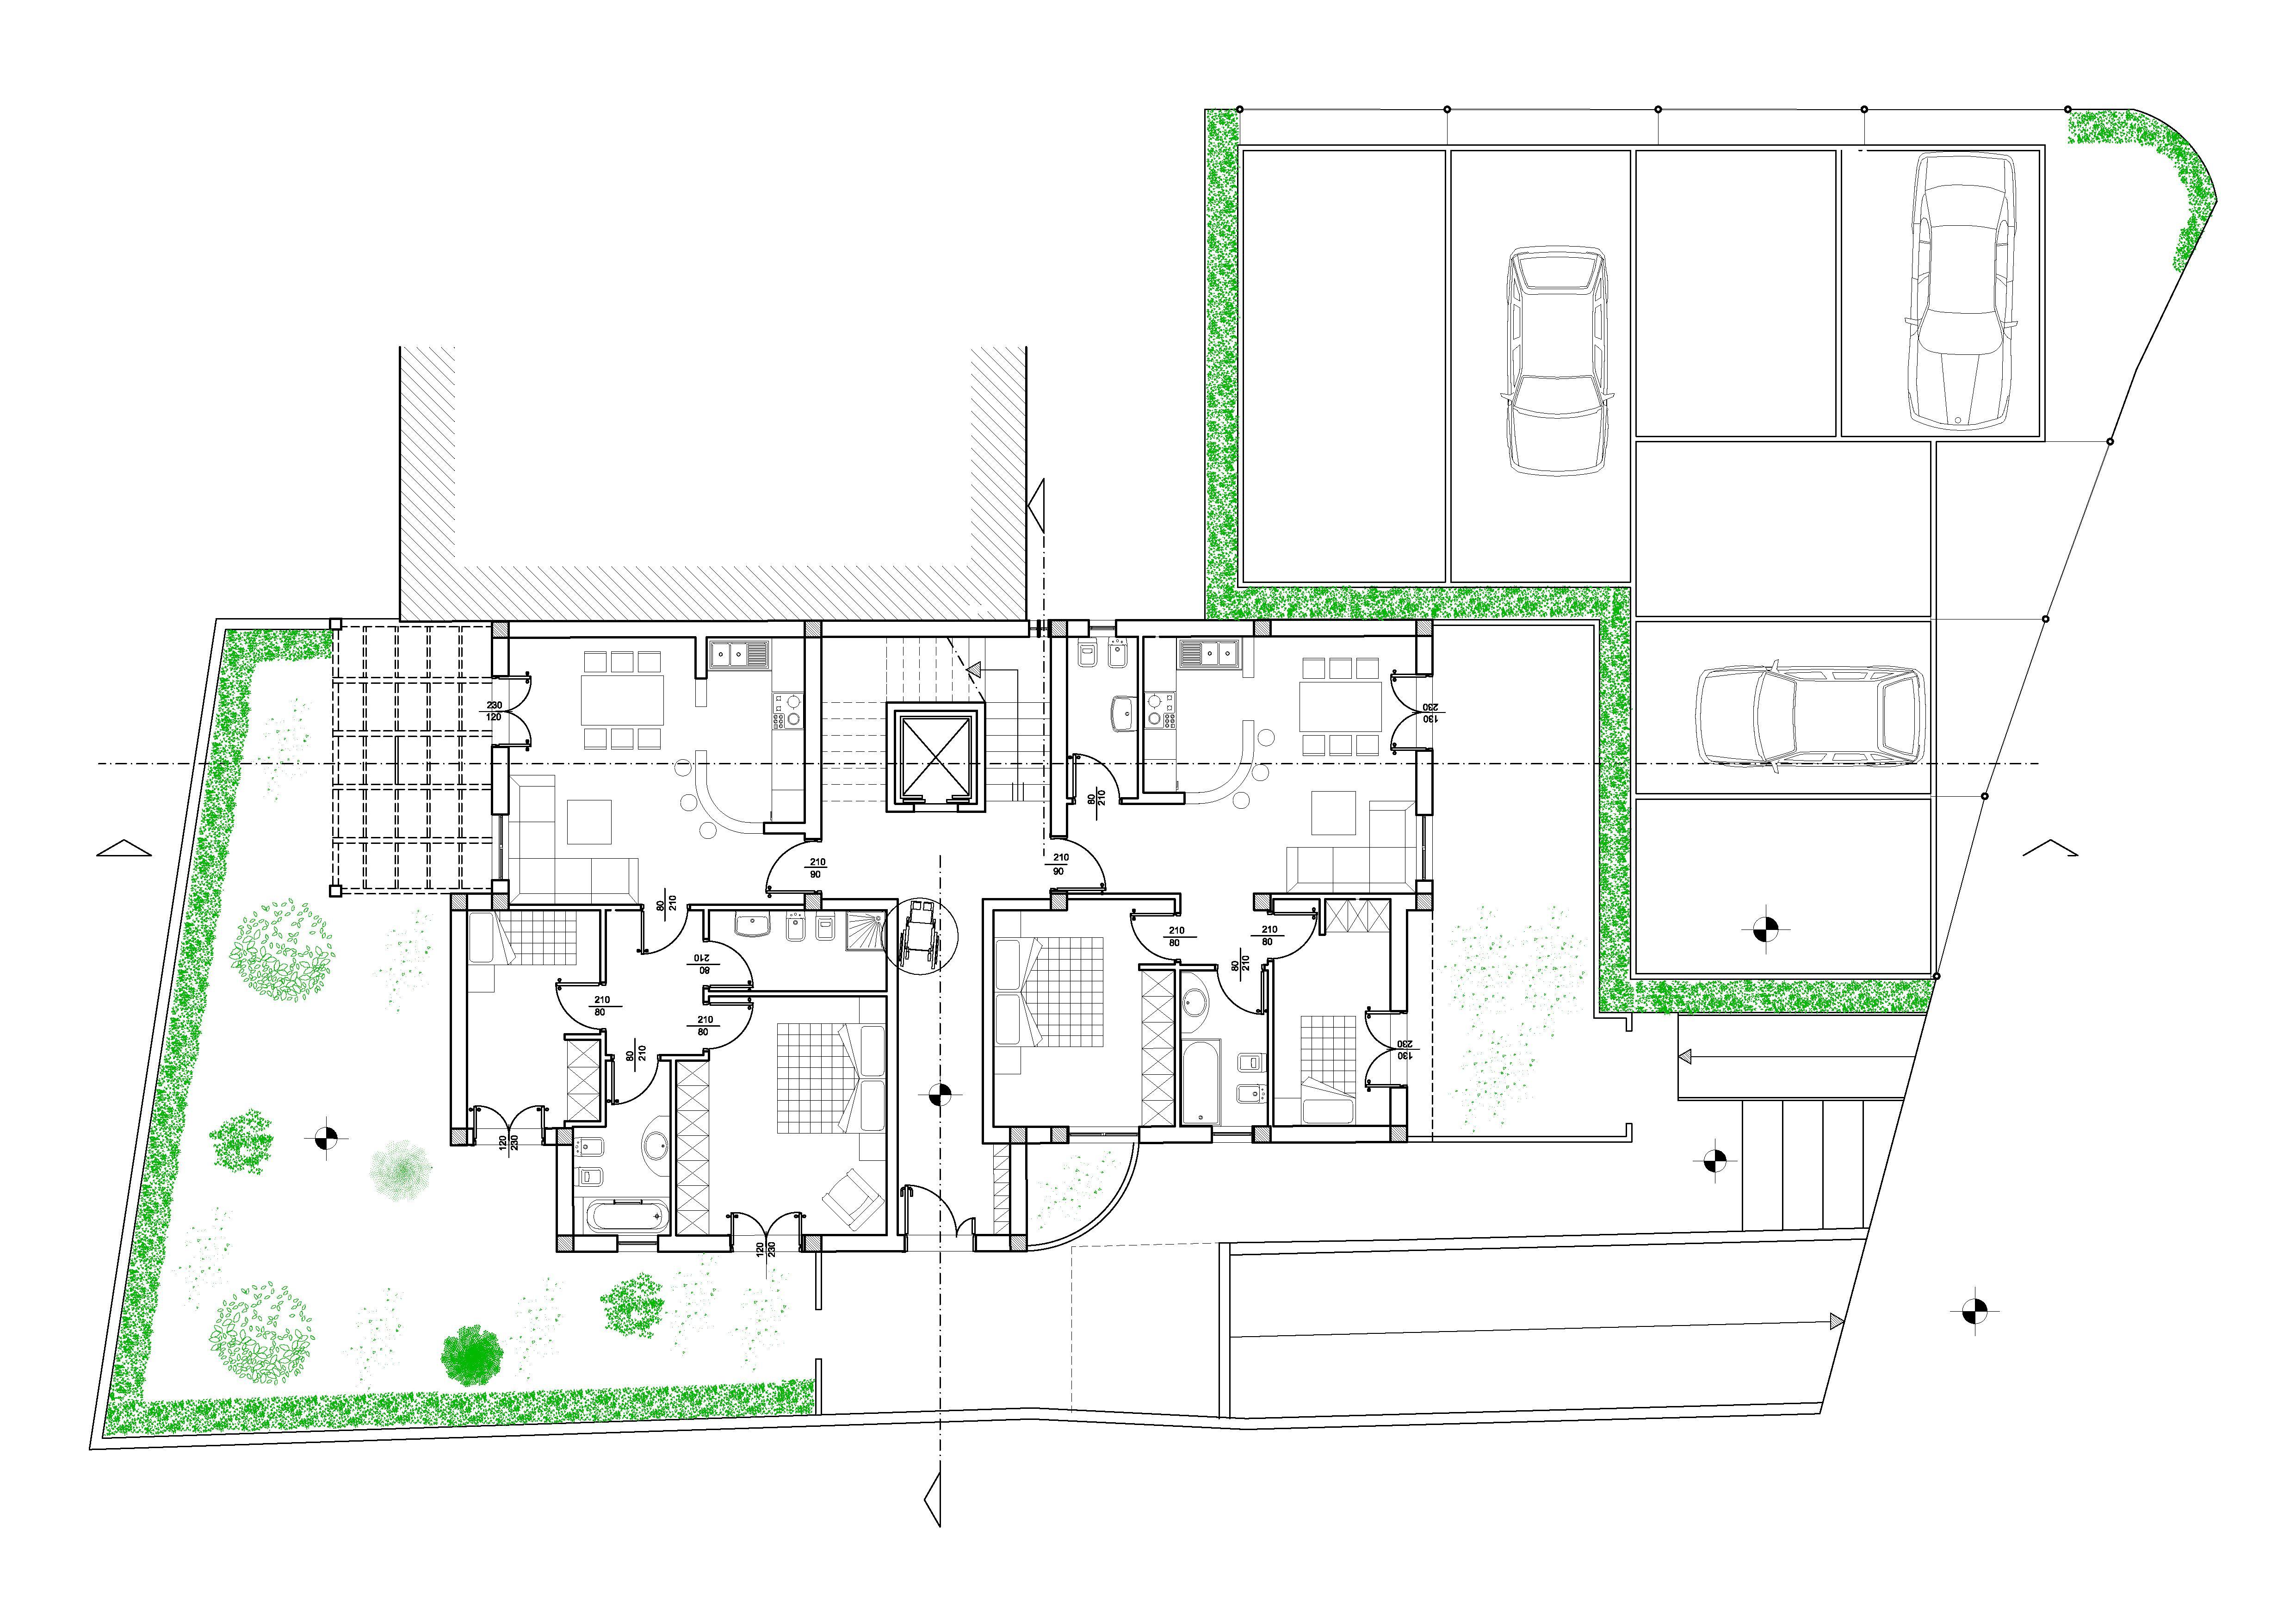 Studio arch luigi carnemolla progetto esecutivo di for Software di piano terra residenziale